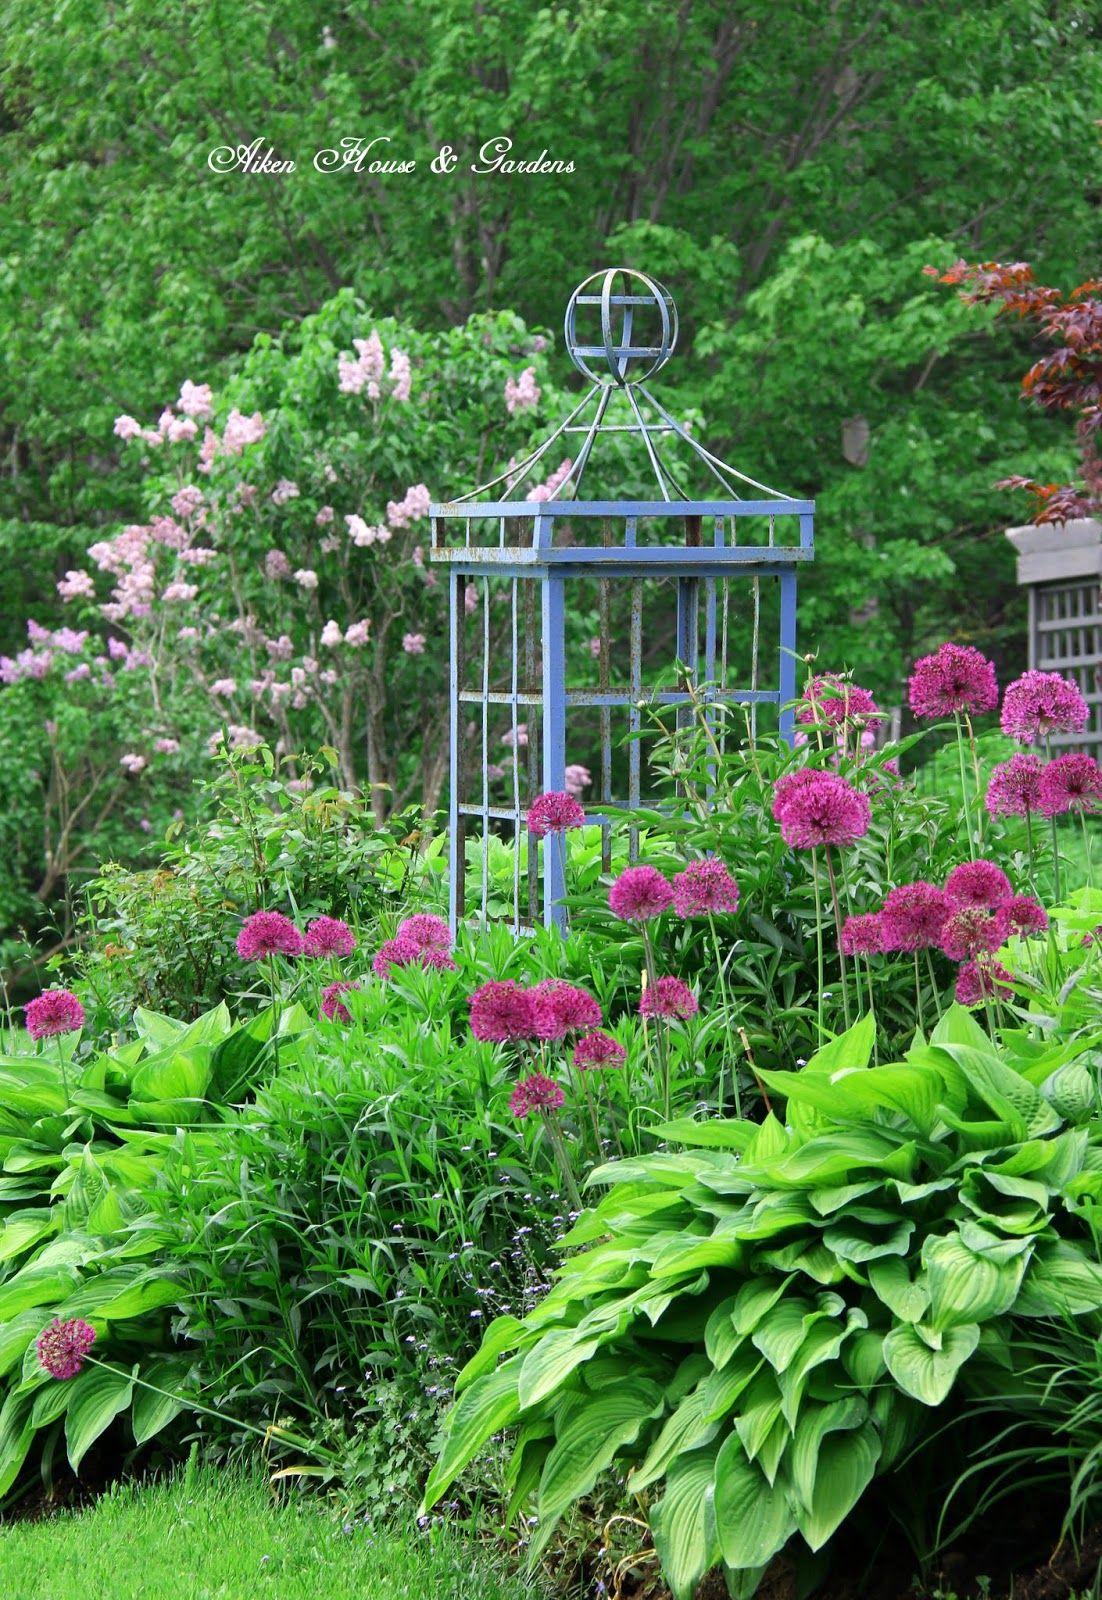 House garden landscape  Aiken House u Gardens  Knockout landscape  Pinterest  Gardens